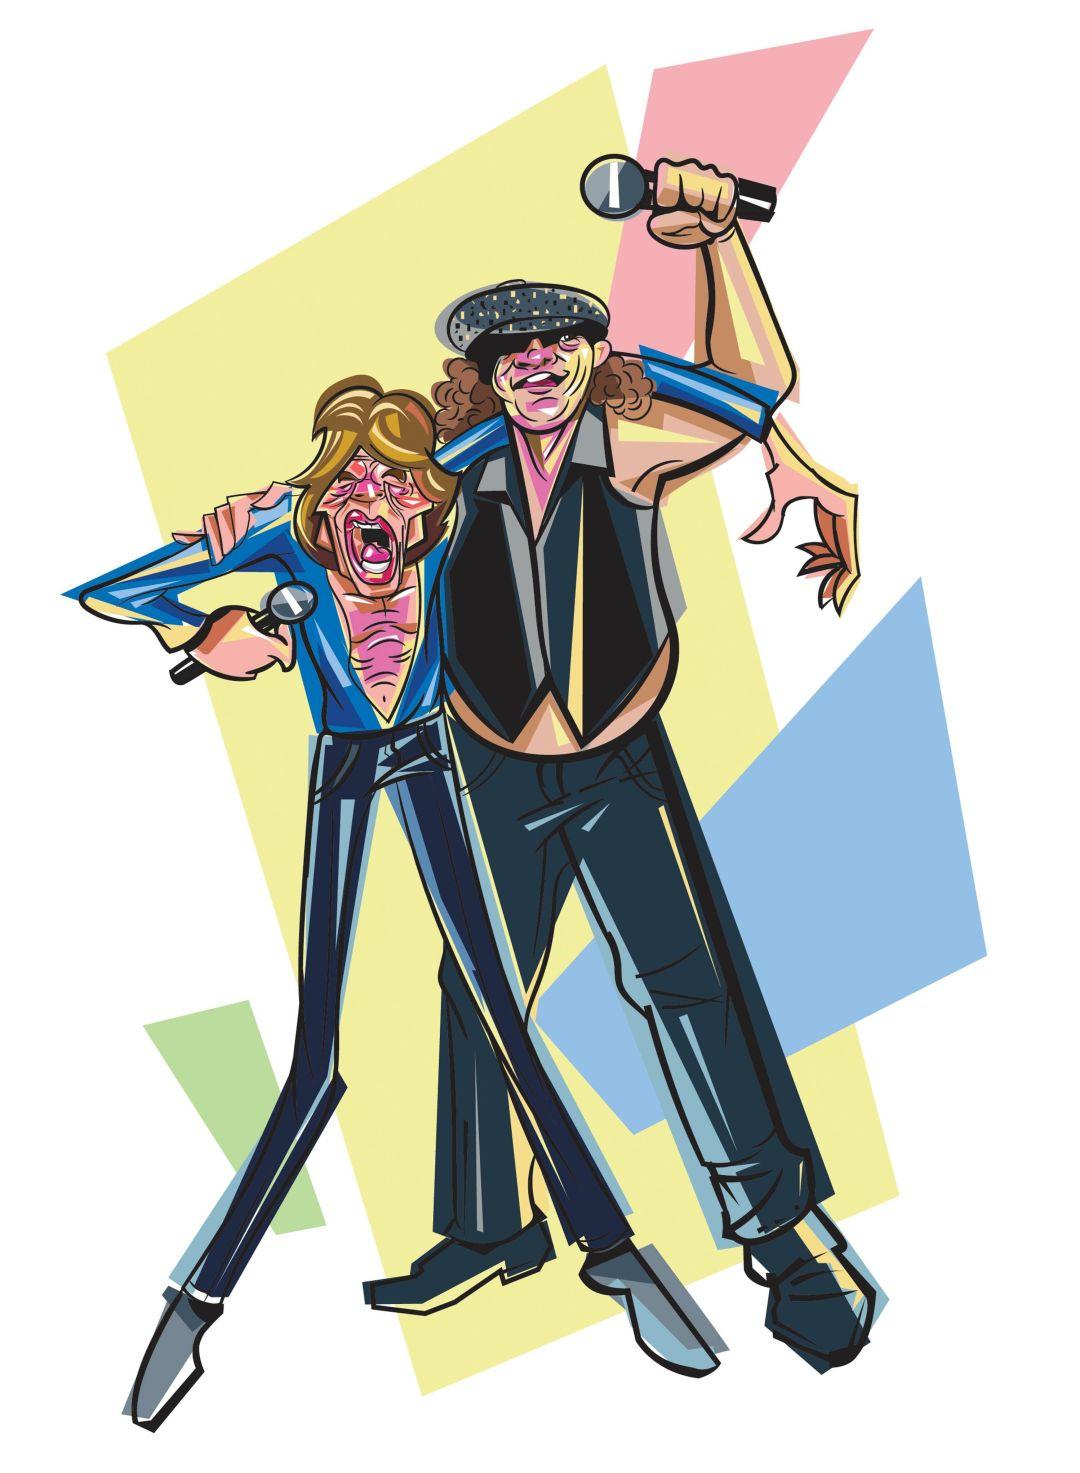 Mick Jagger and Brian Johnson